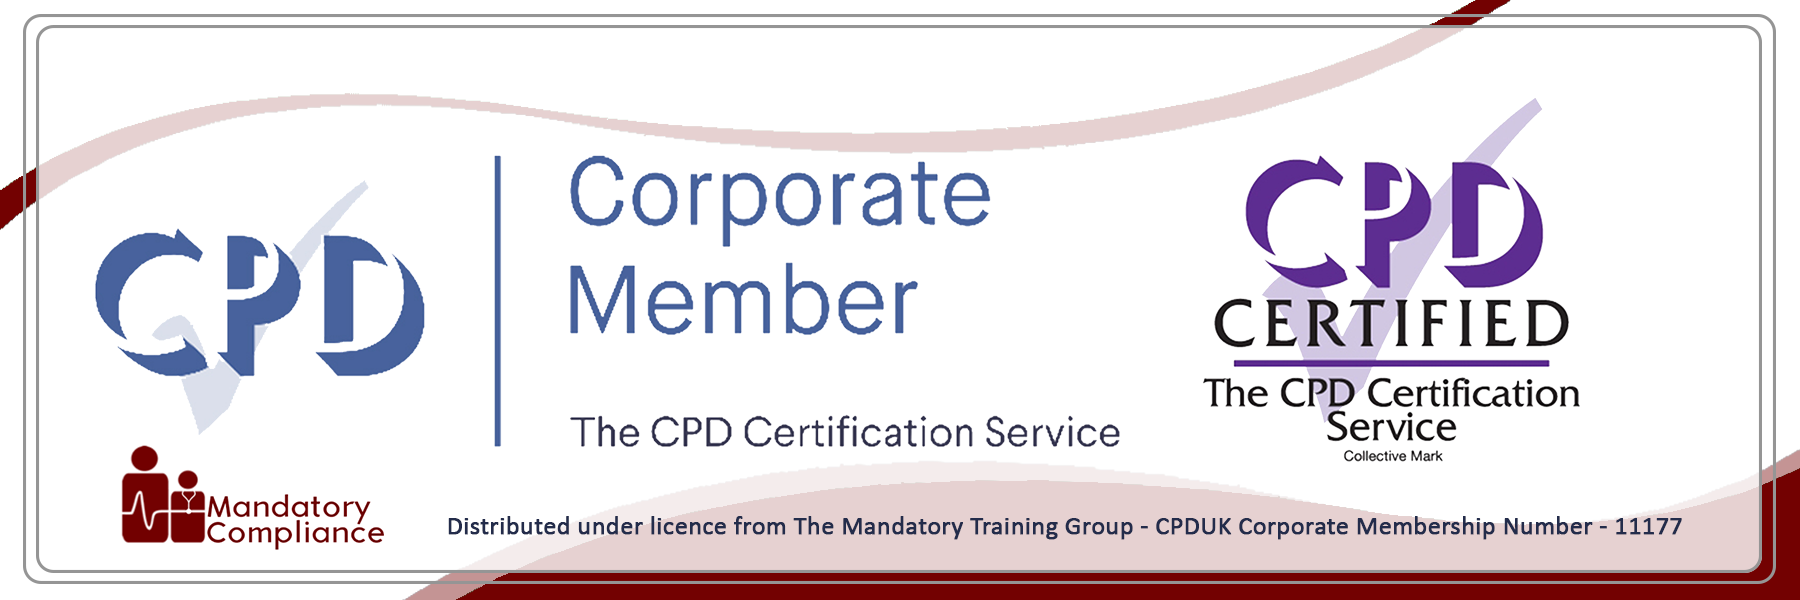 Mastering MS Access 2016 - Basics - Online Training Course - The Mandatory Training Group UK -